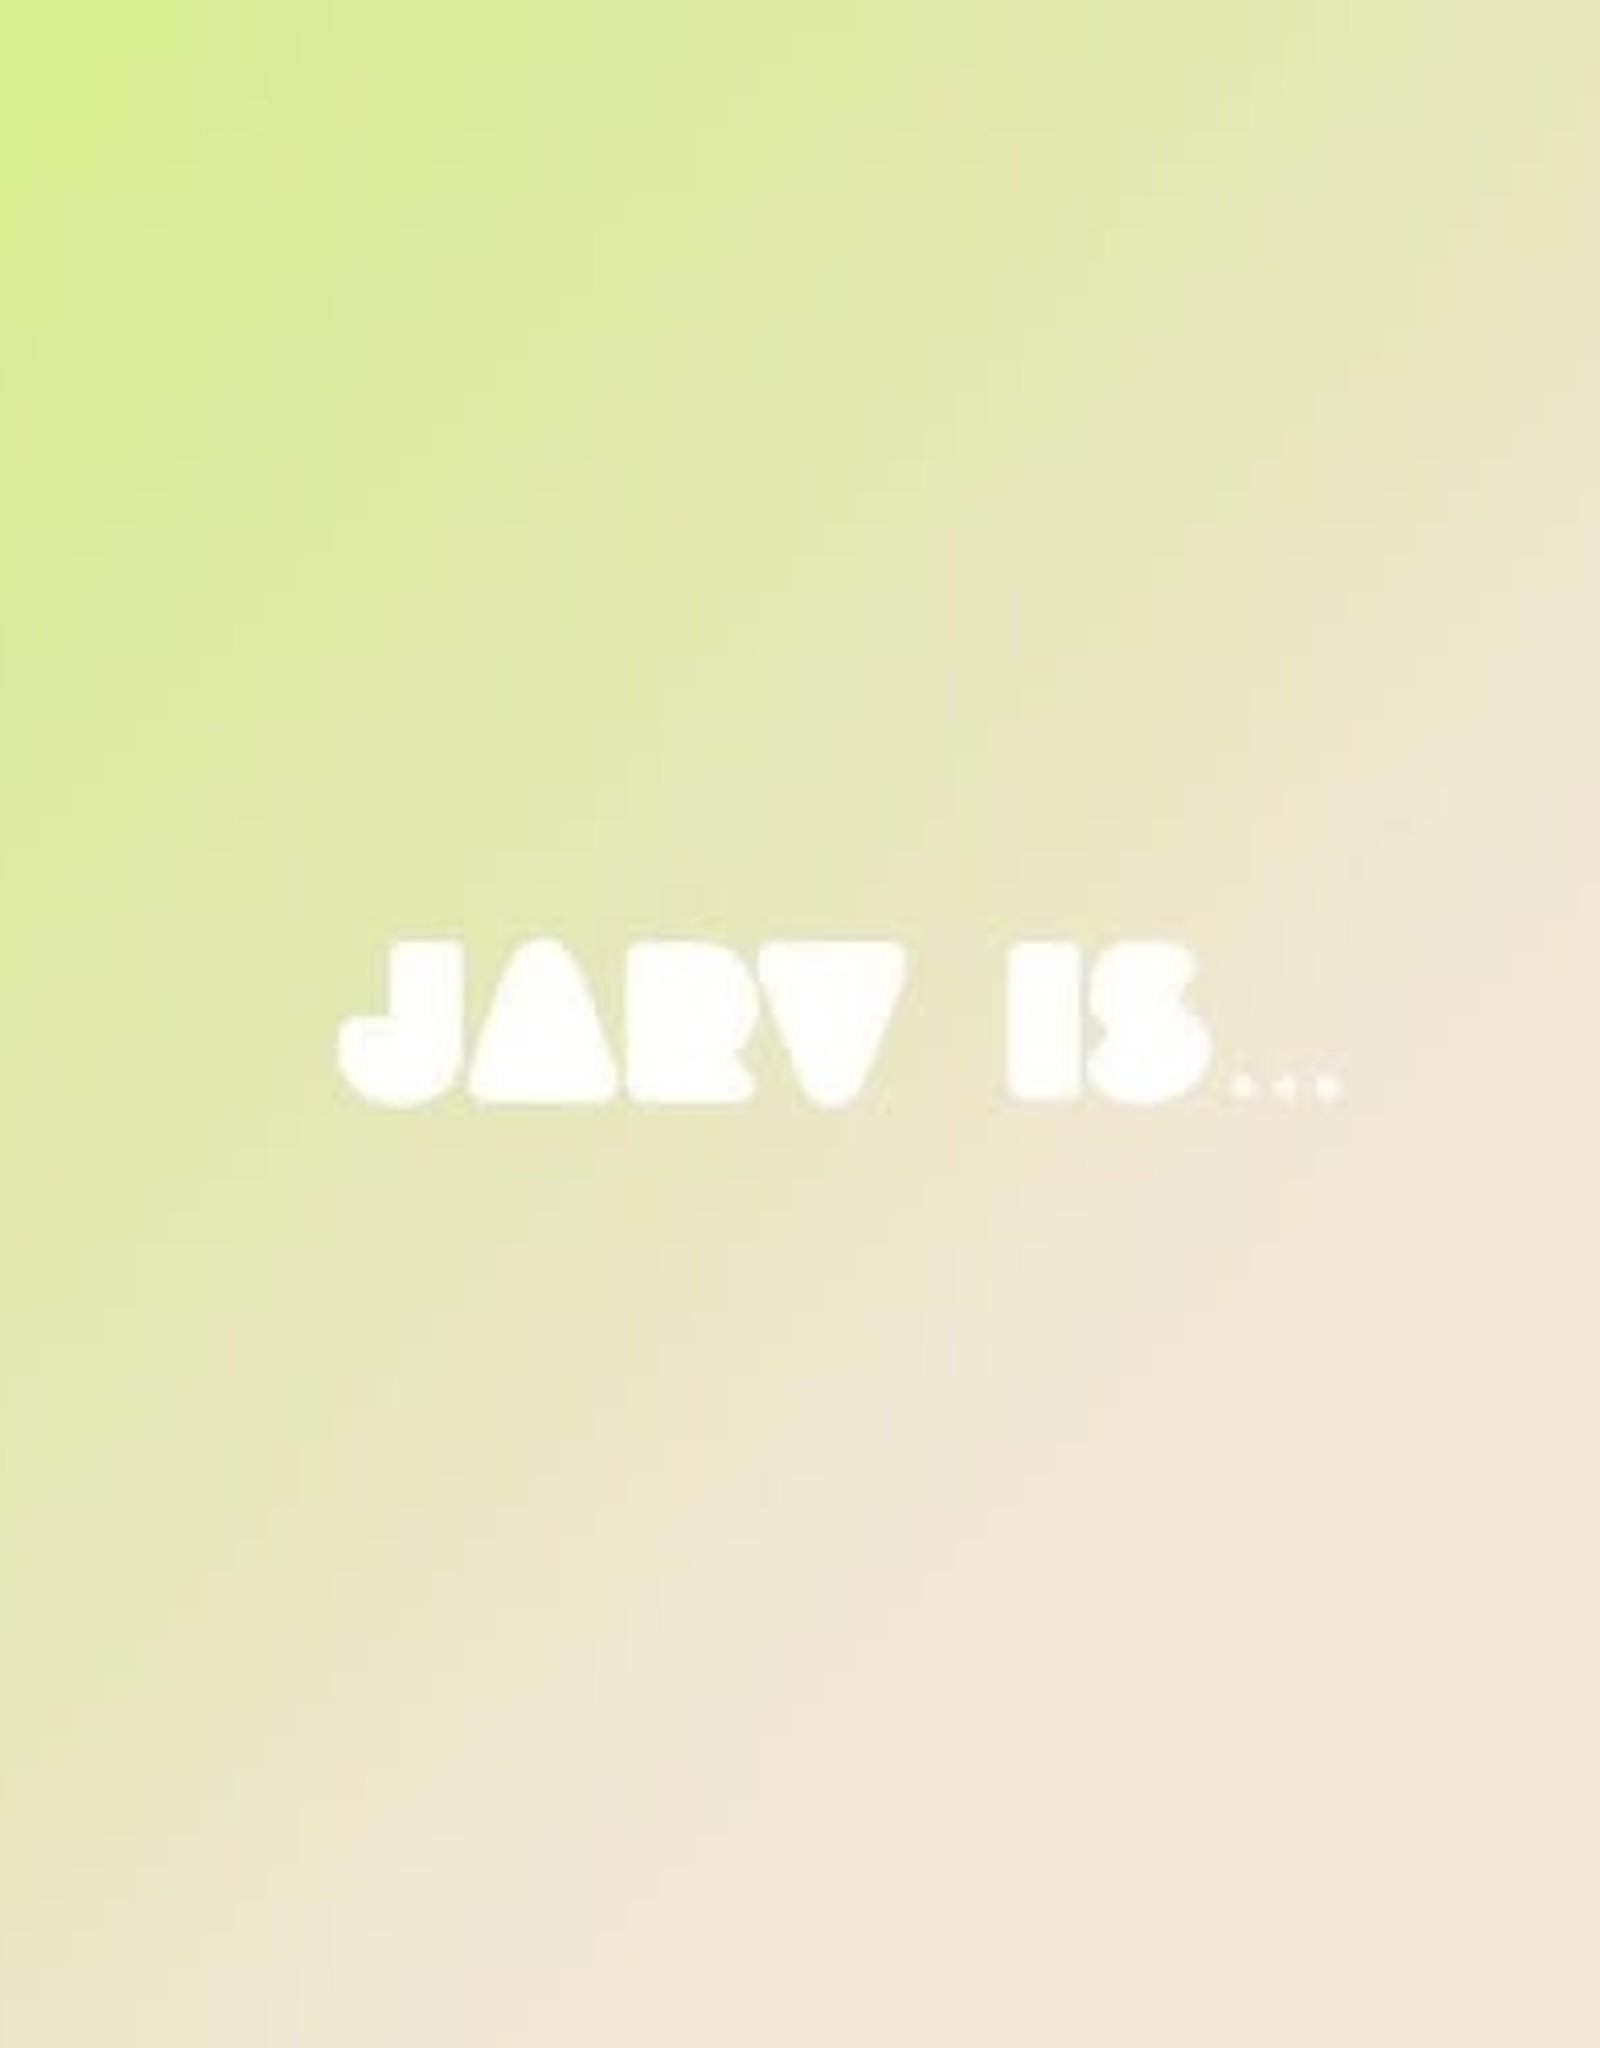 Jarv Is... - Beyond the Pale (Deluxe)(INDIE EXCLUSIVE / Transparent Orange)